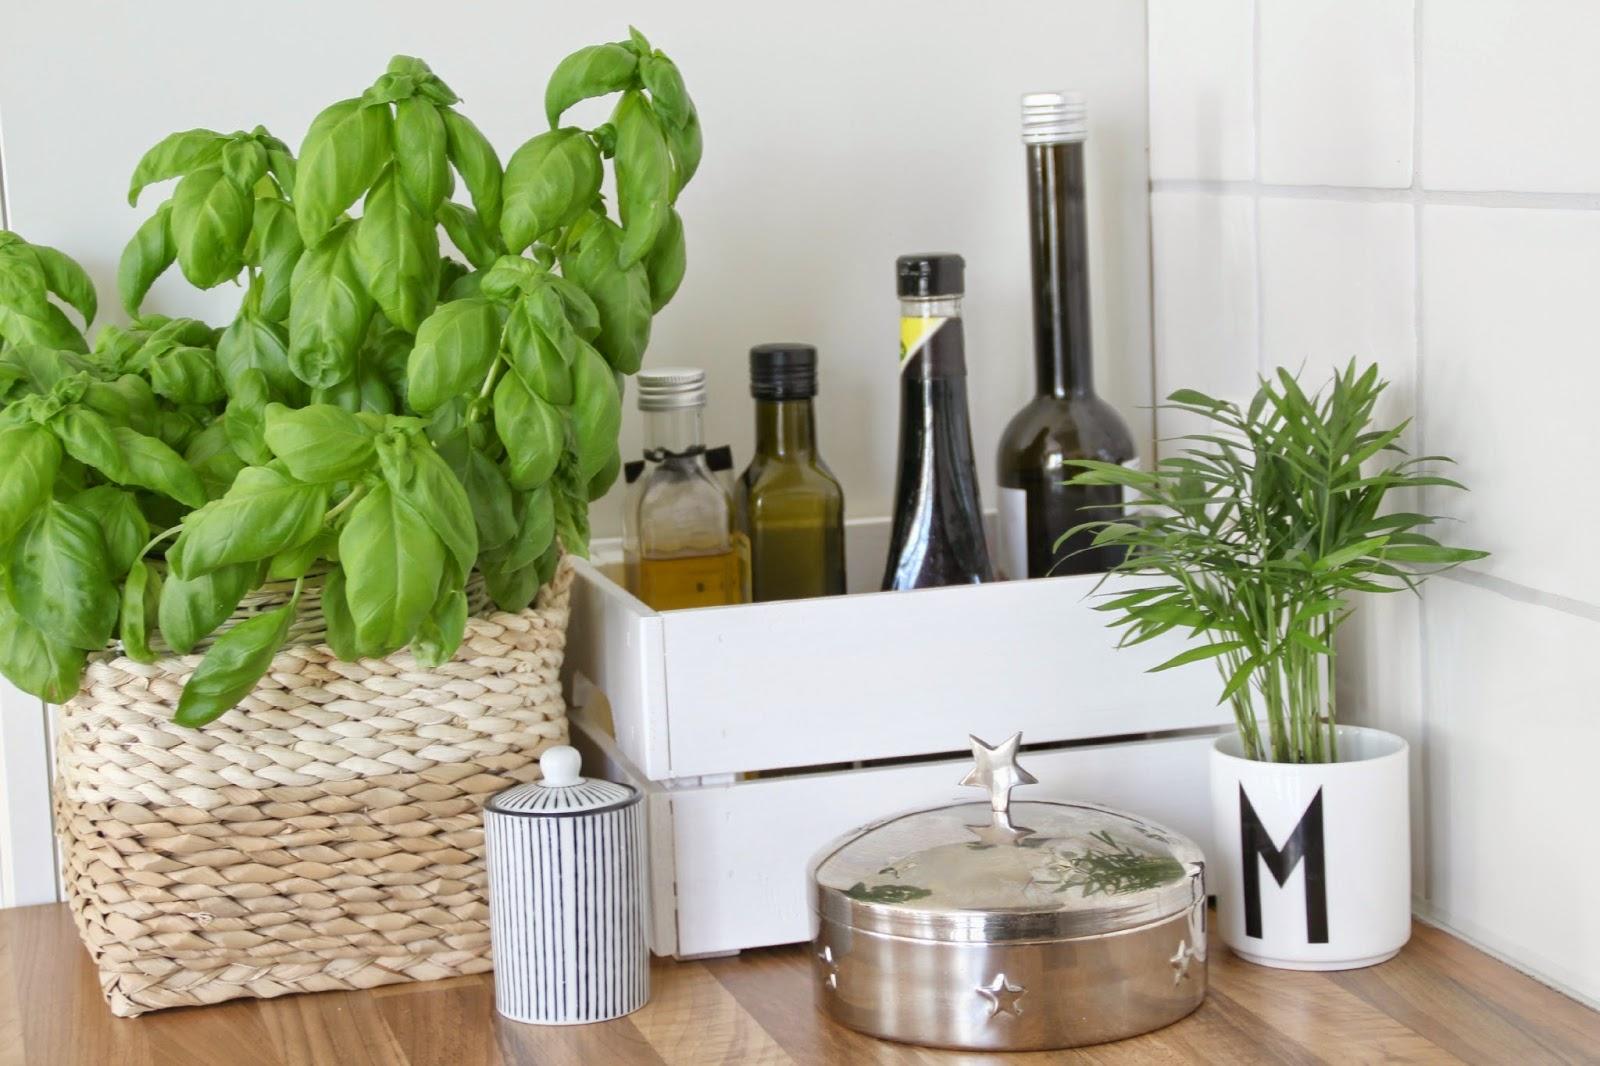 Stilleben in der Küche mit Bastkorb als Übertopf für Basilikum und Knagglig als Utensilo für Ölflaschen im Vordergrund Design Letters Tasse